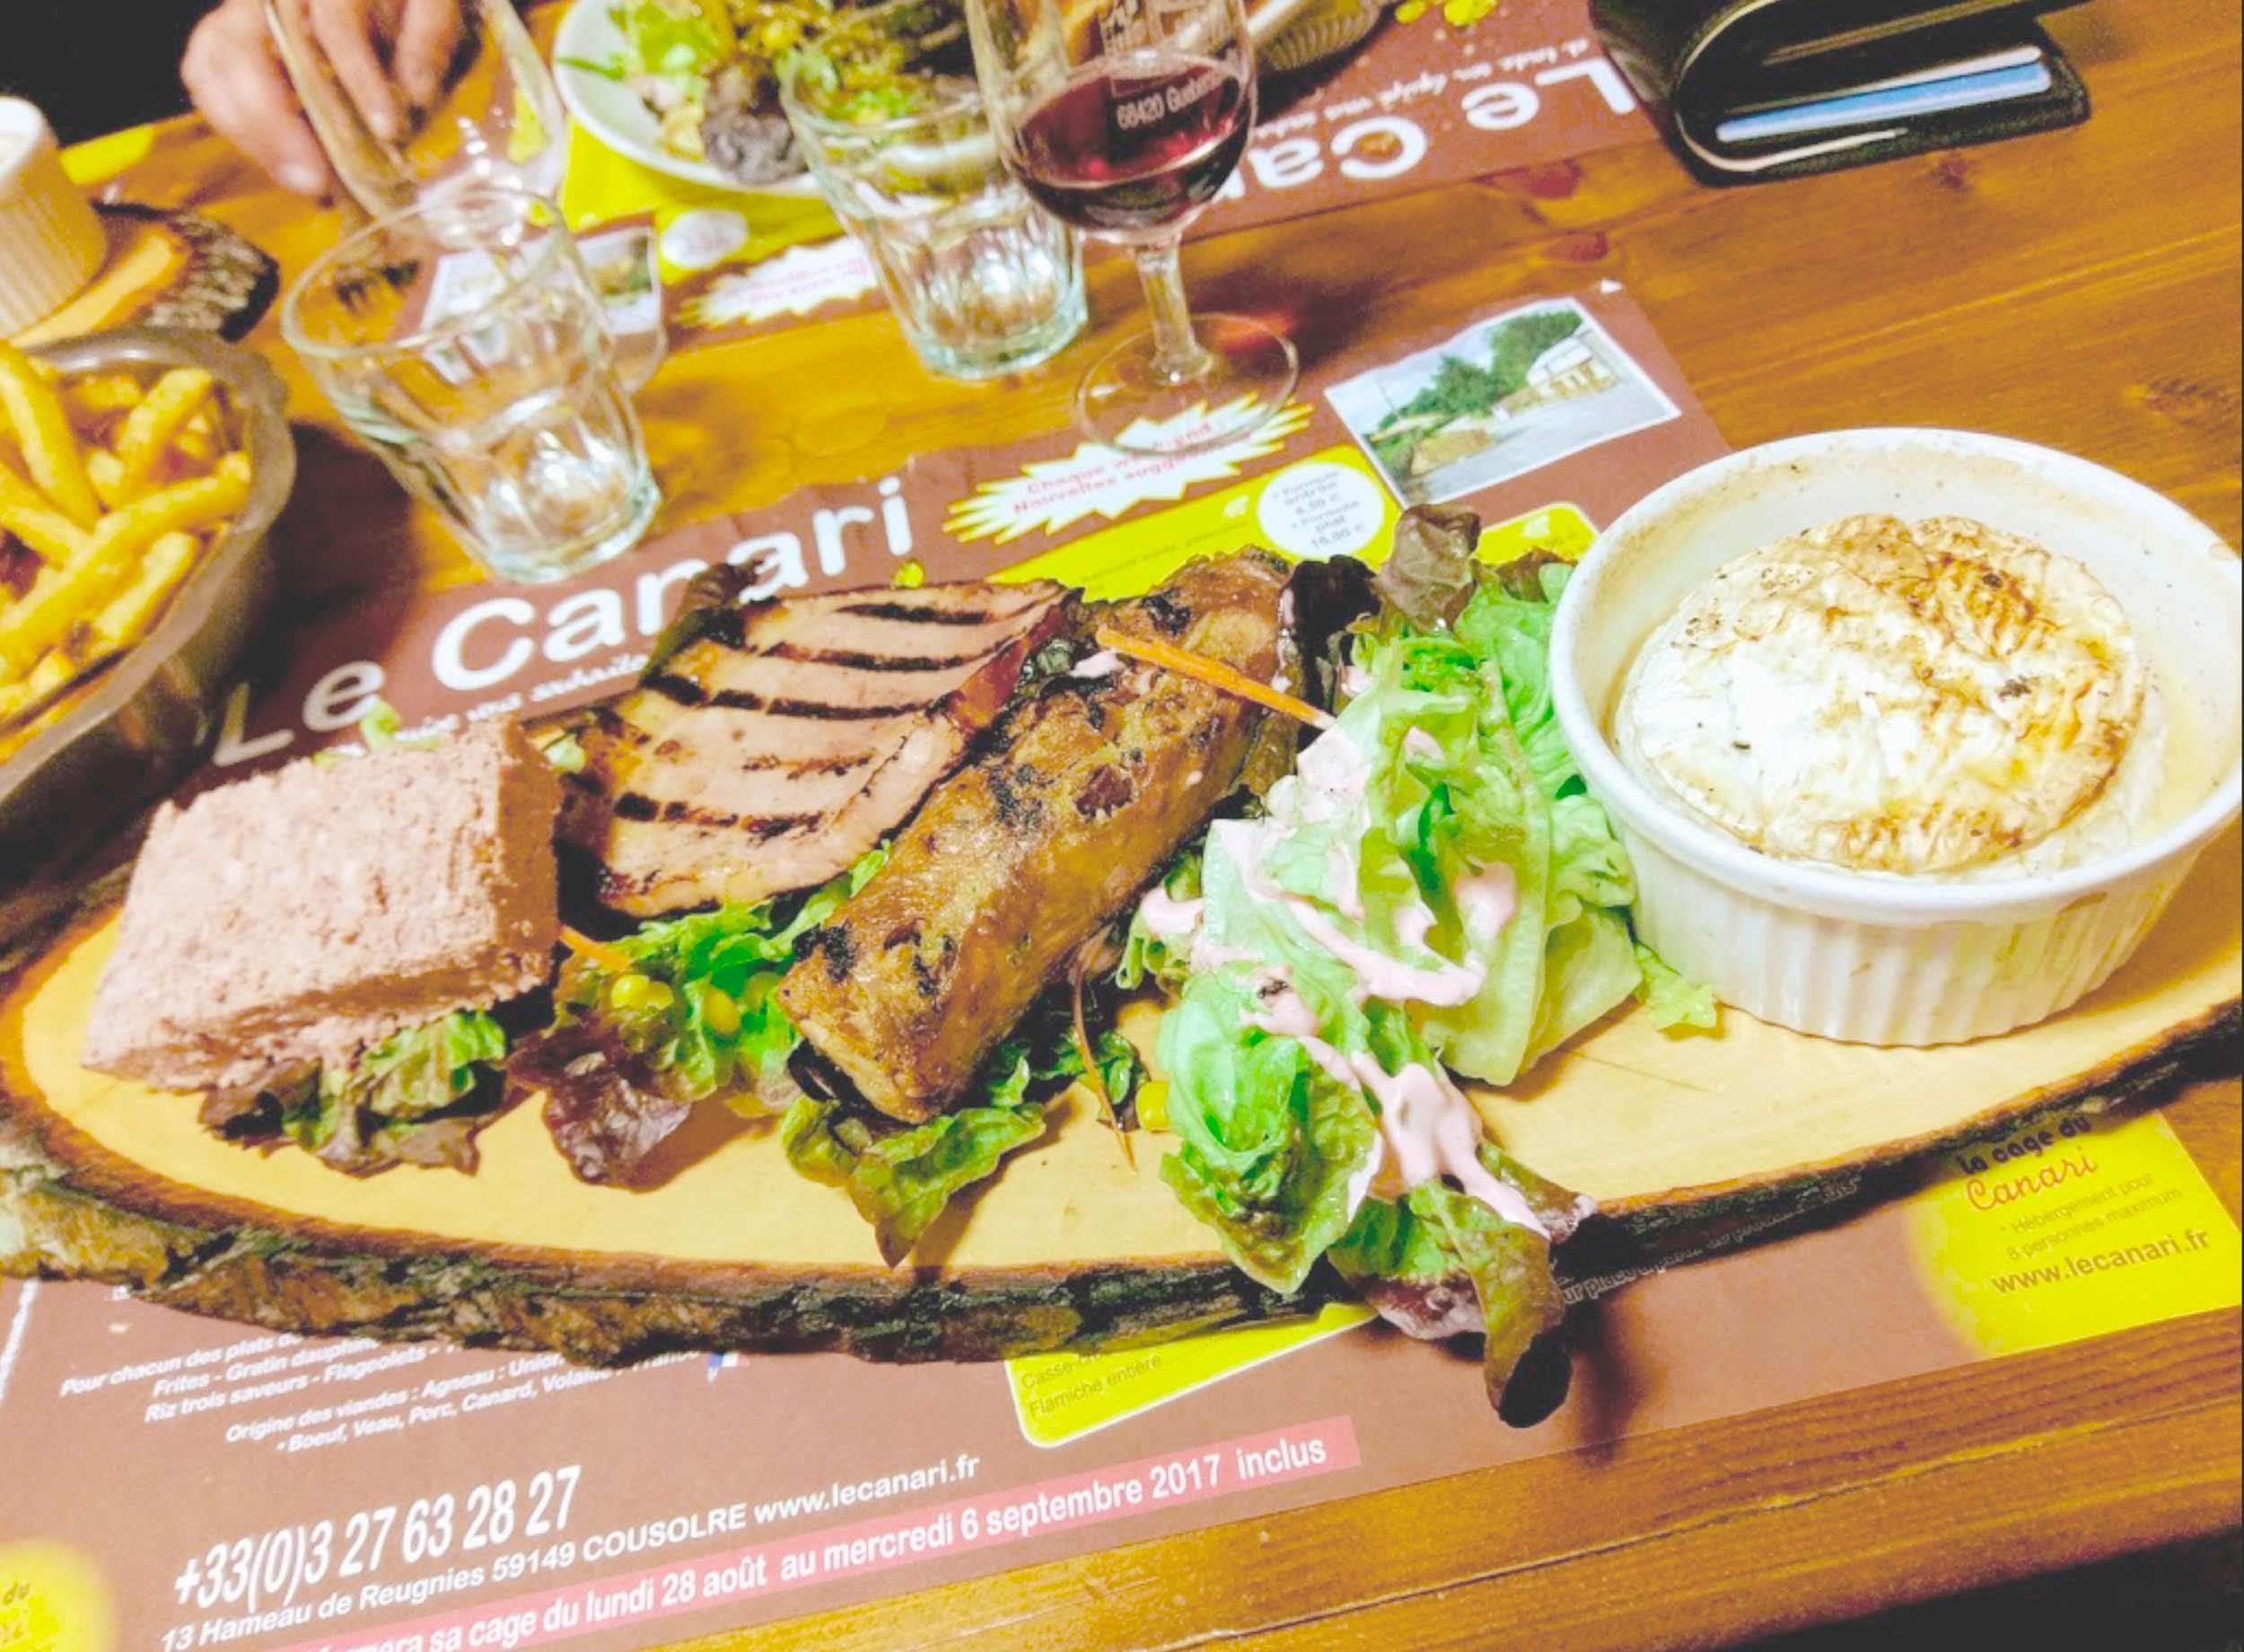 le-canari-restaurant-brasserie-cousolre